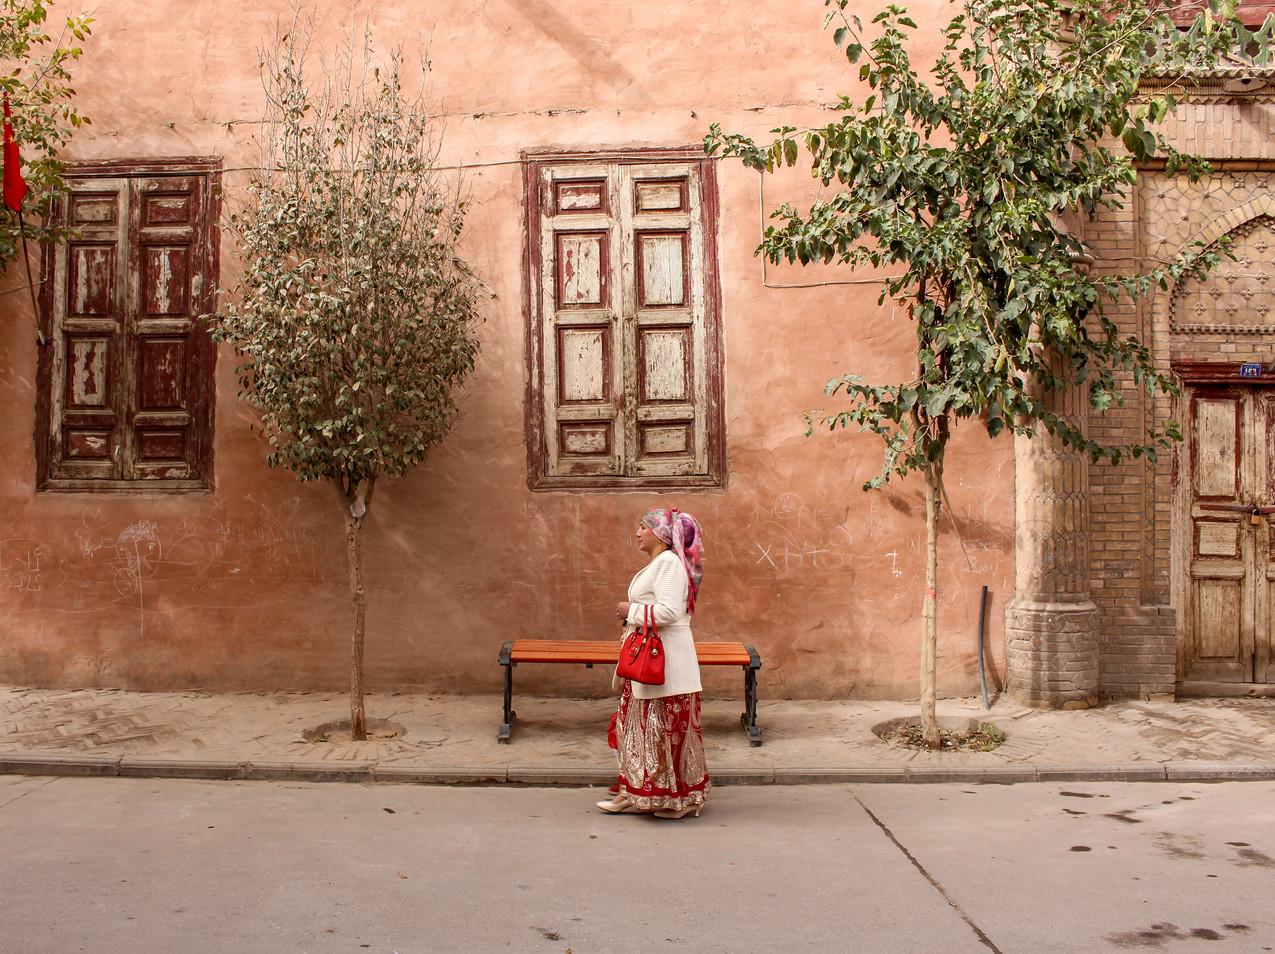 אישה אויגורית ברחוב העיר העתיקה בקאשגר